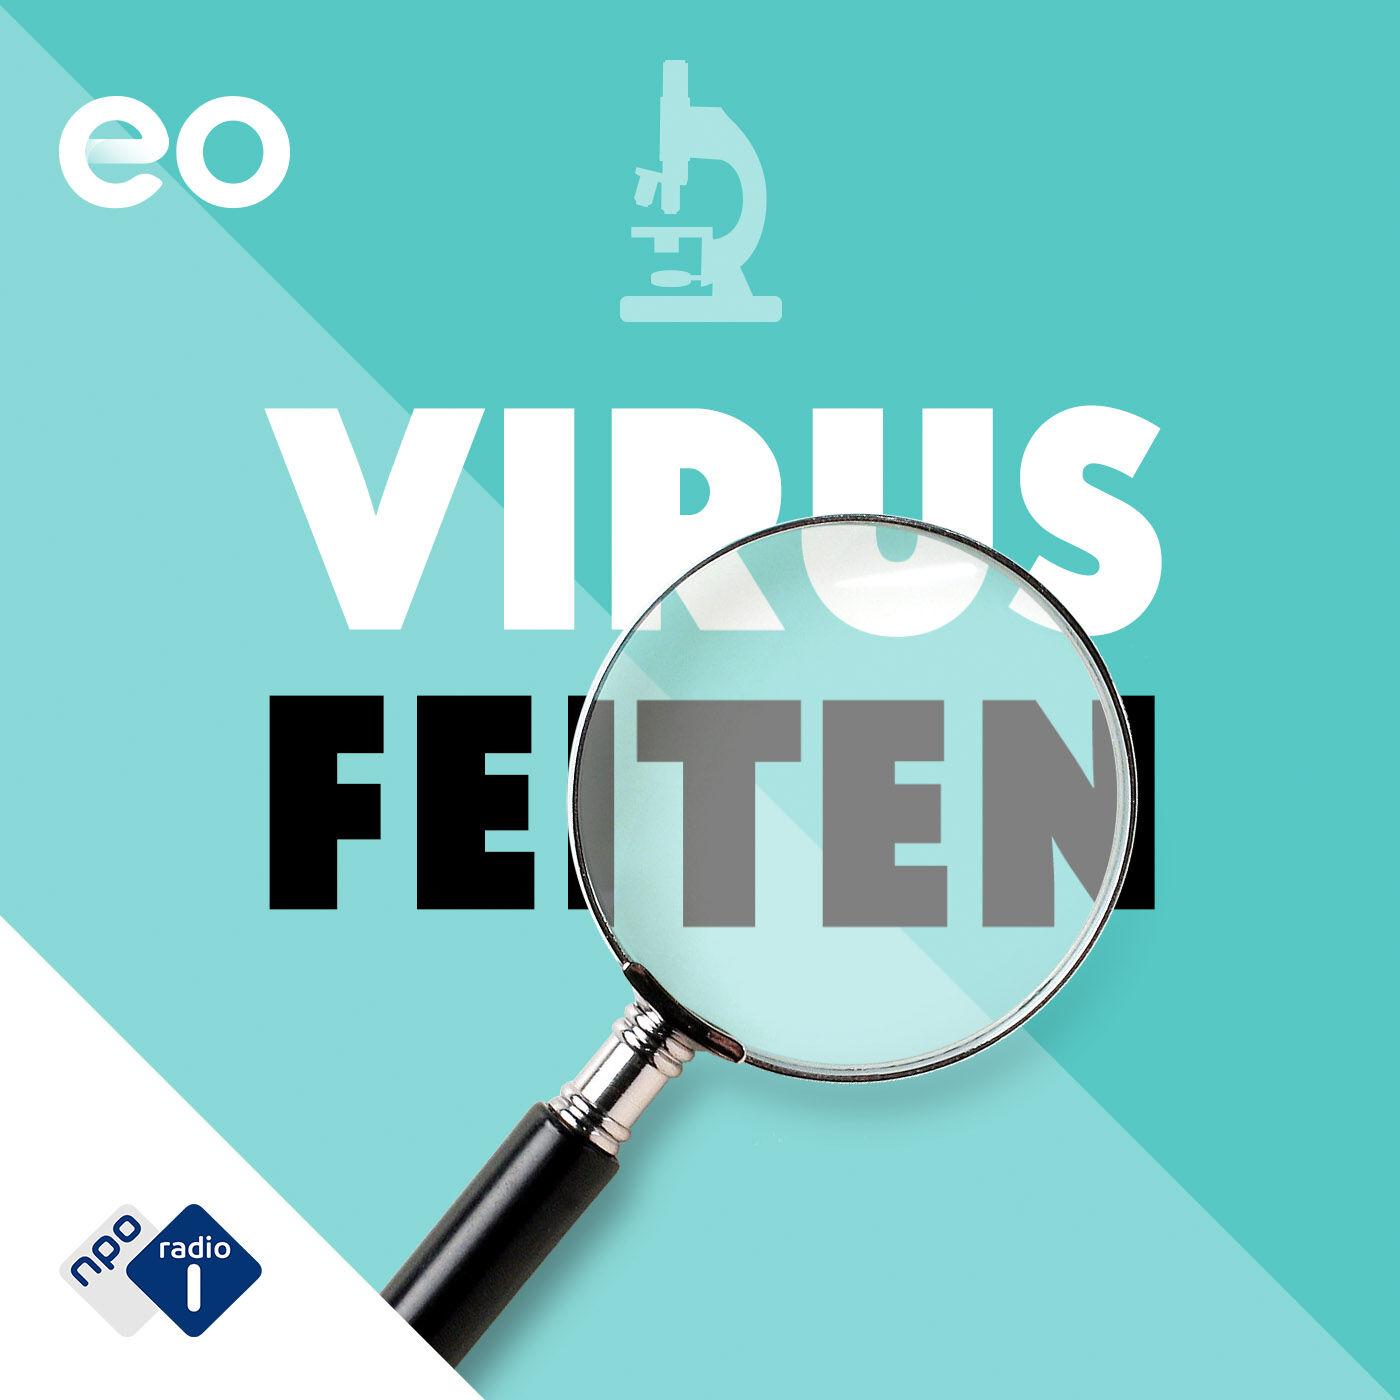 Virusfeiten logo